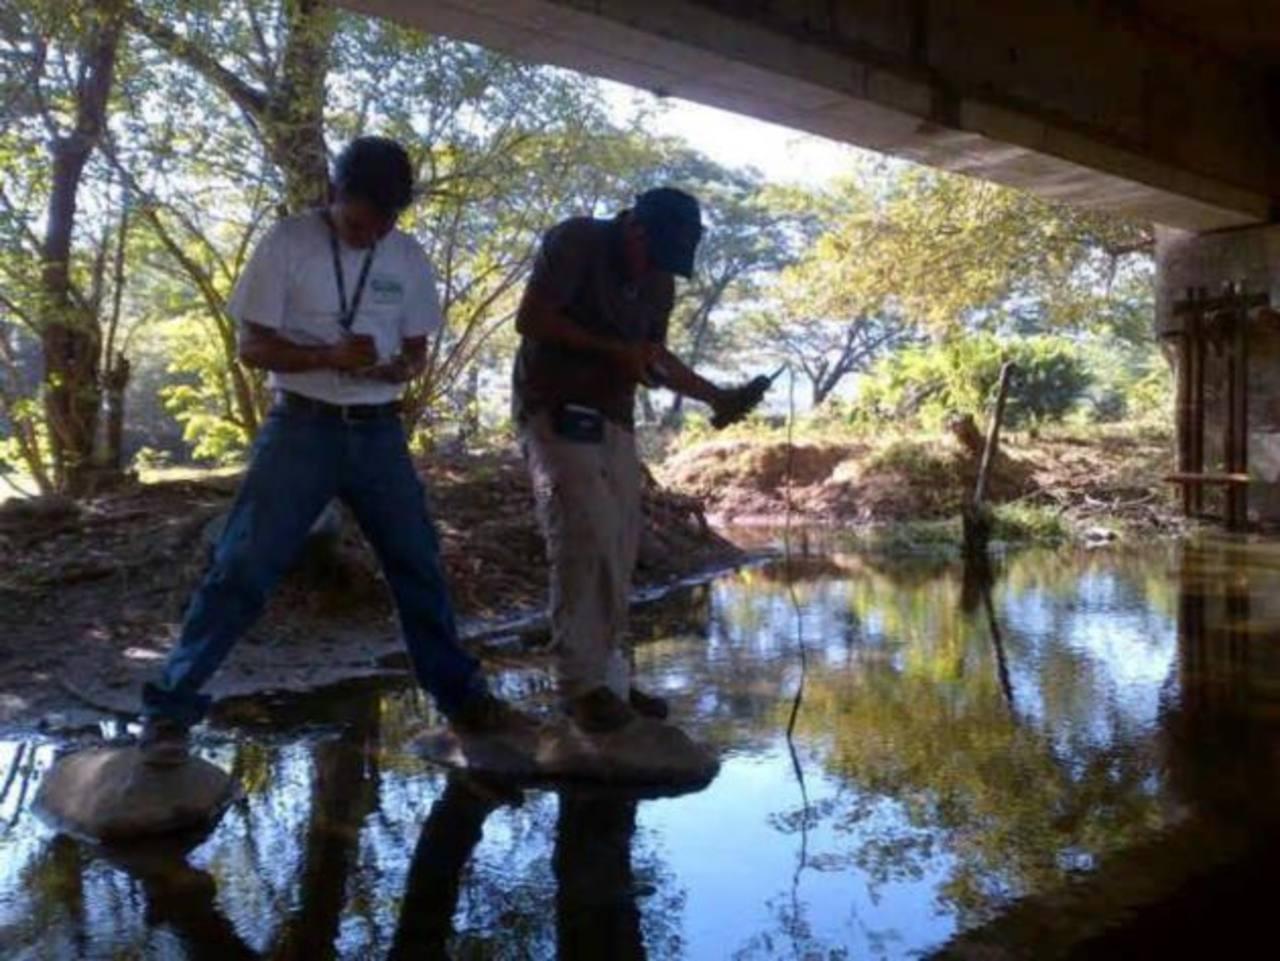 Técnicos de Medio Ambiente toman de muestras de agua de ríos en las cercanías del Chaparrastique